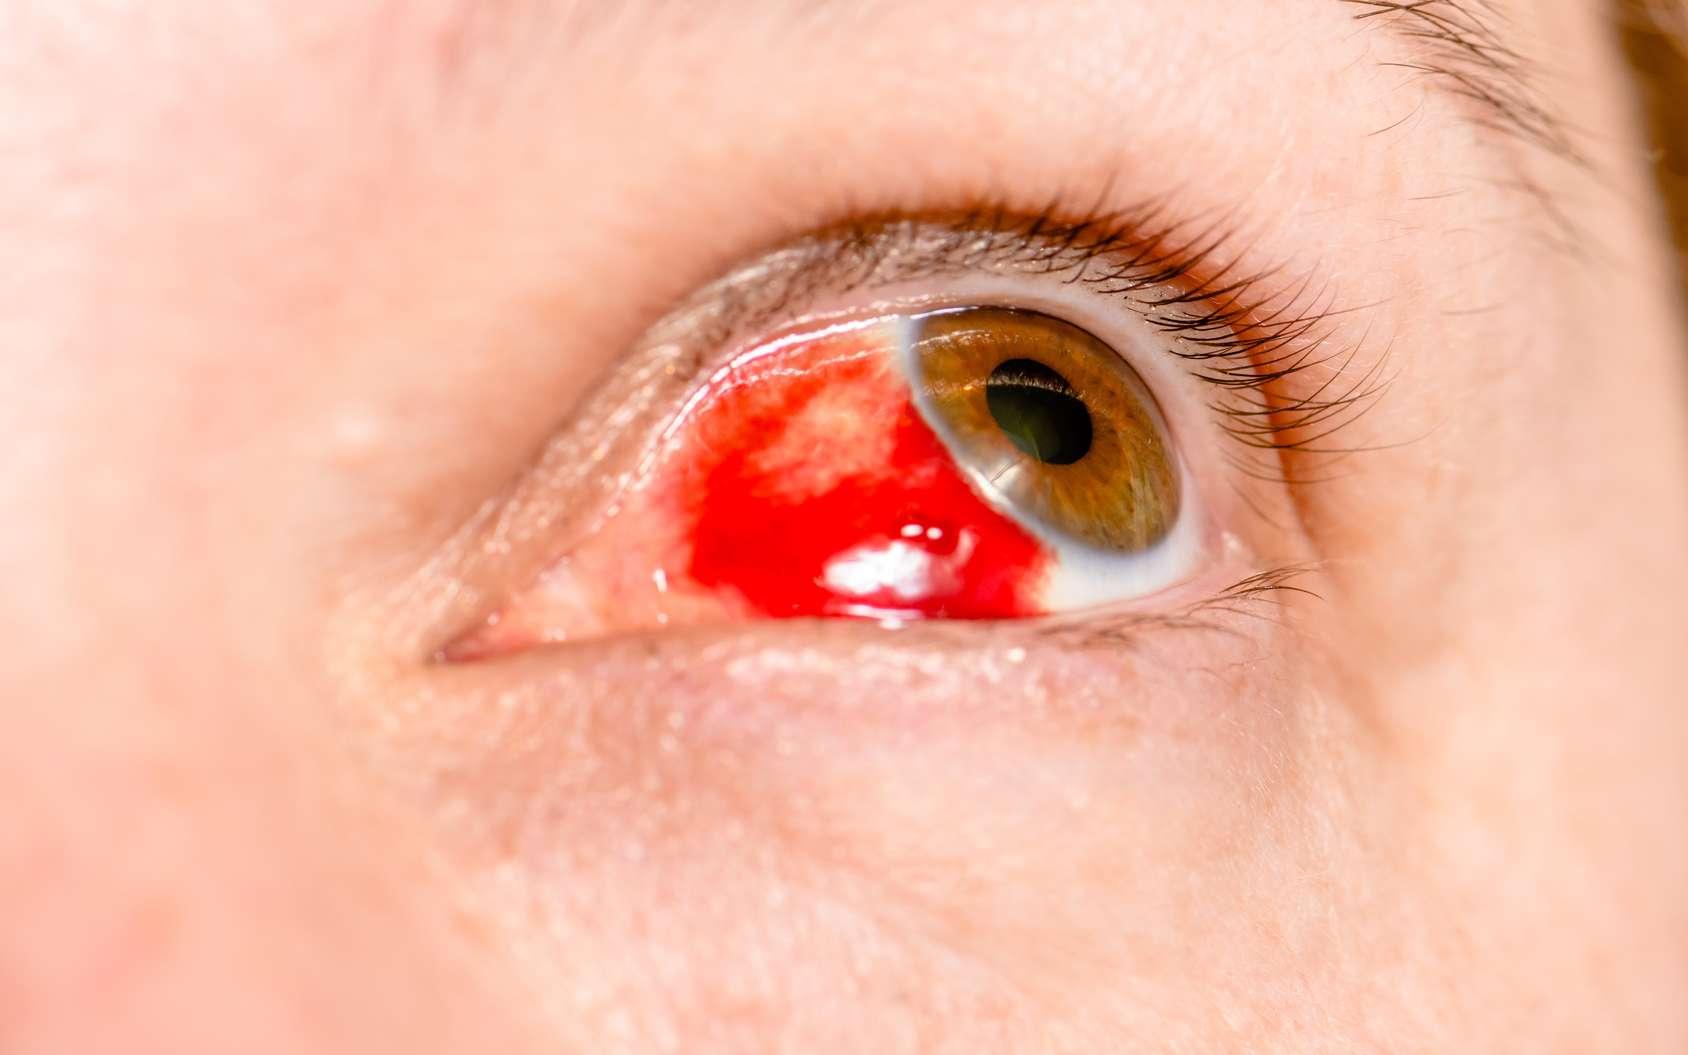 Une tache de sang dans l'œil est la plupart du temps bénigne et se guérit spontanément. © haoka, Fotolia